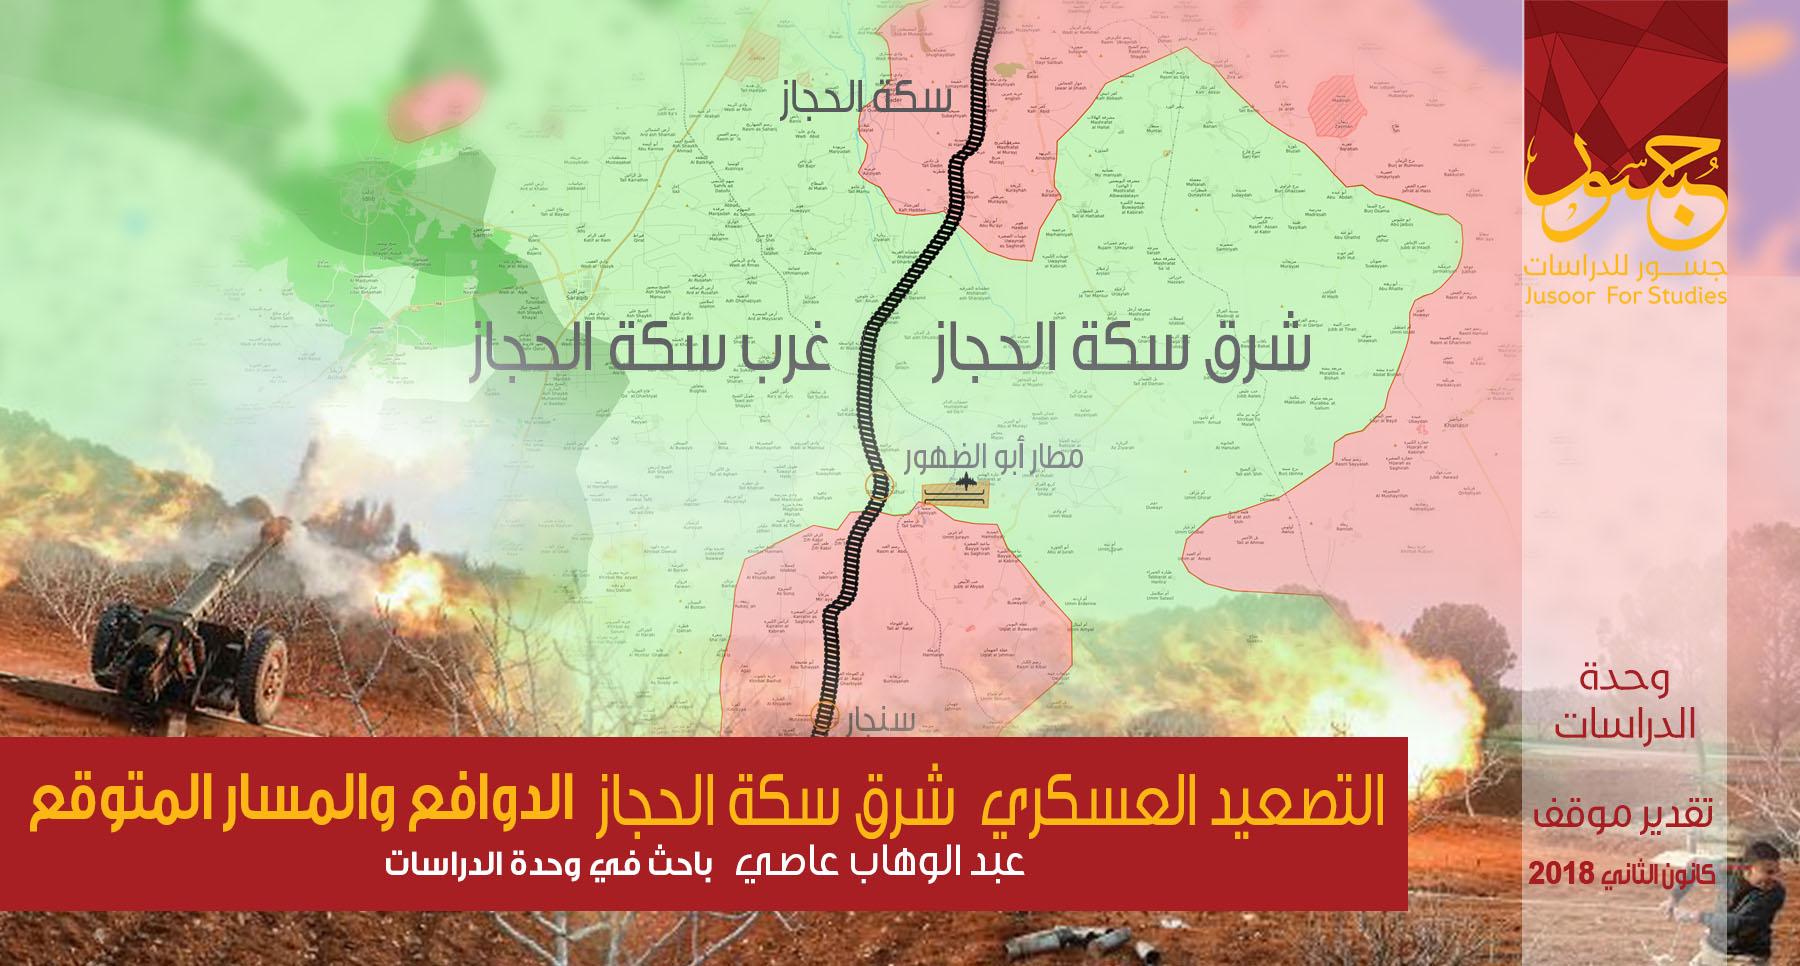 التصعيد العسكري شرق سكة الحجاز... الدوافع والمسار المتوقع